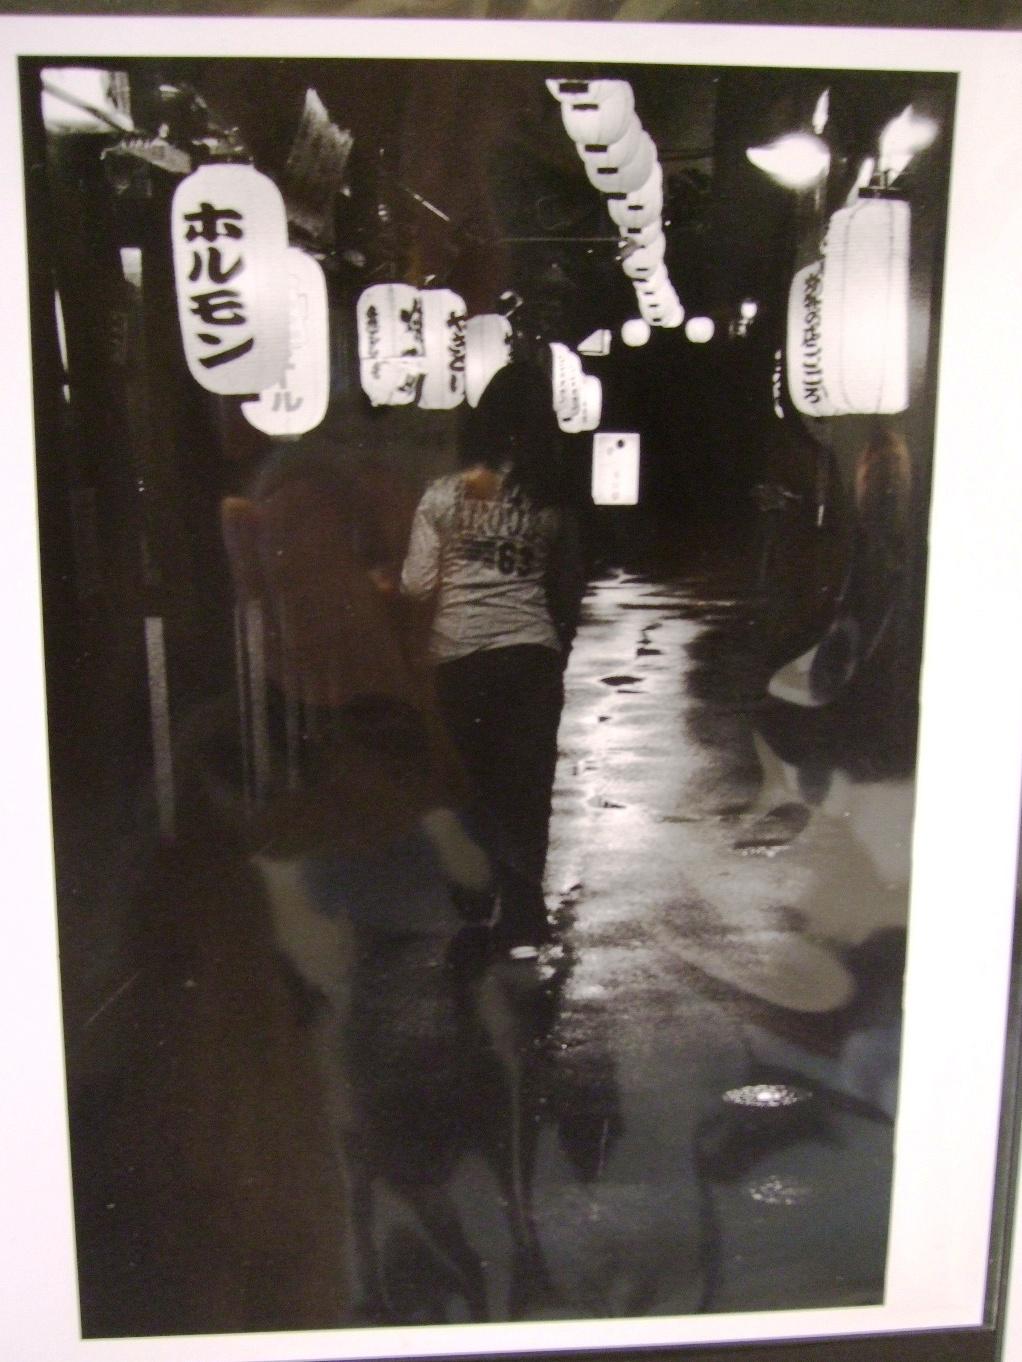 936) 資料館 「小樽商科大学・写真部 『三月展』」 終了・3月3日(火)~3月8日(日)_f0126829_2221813.jpg